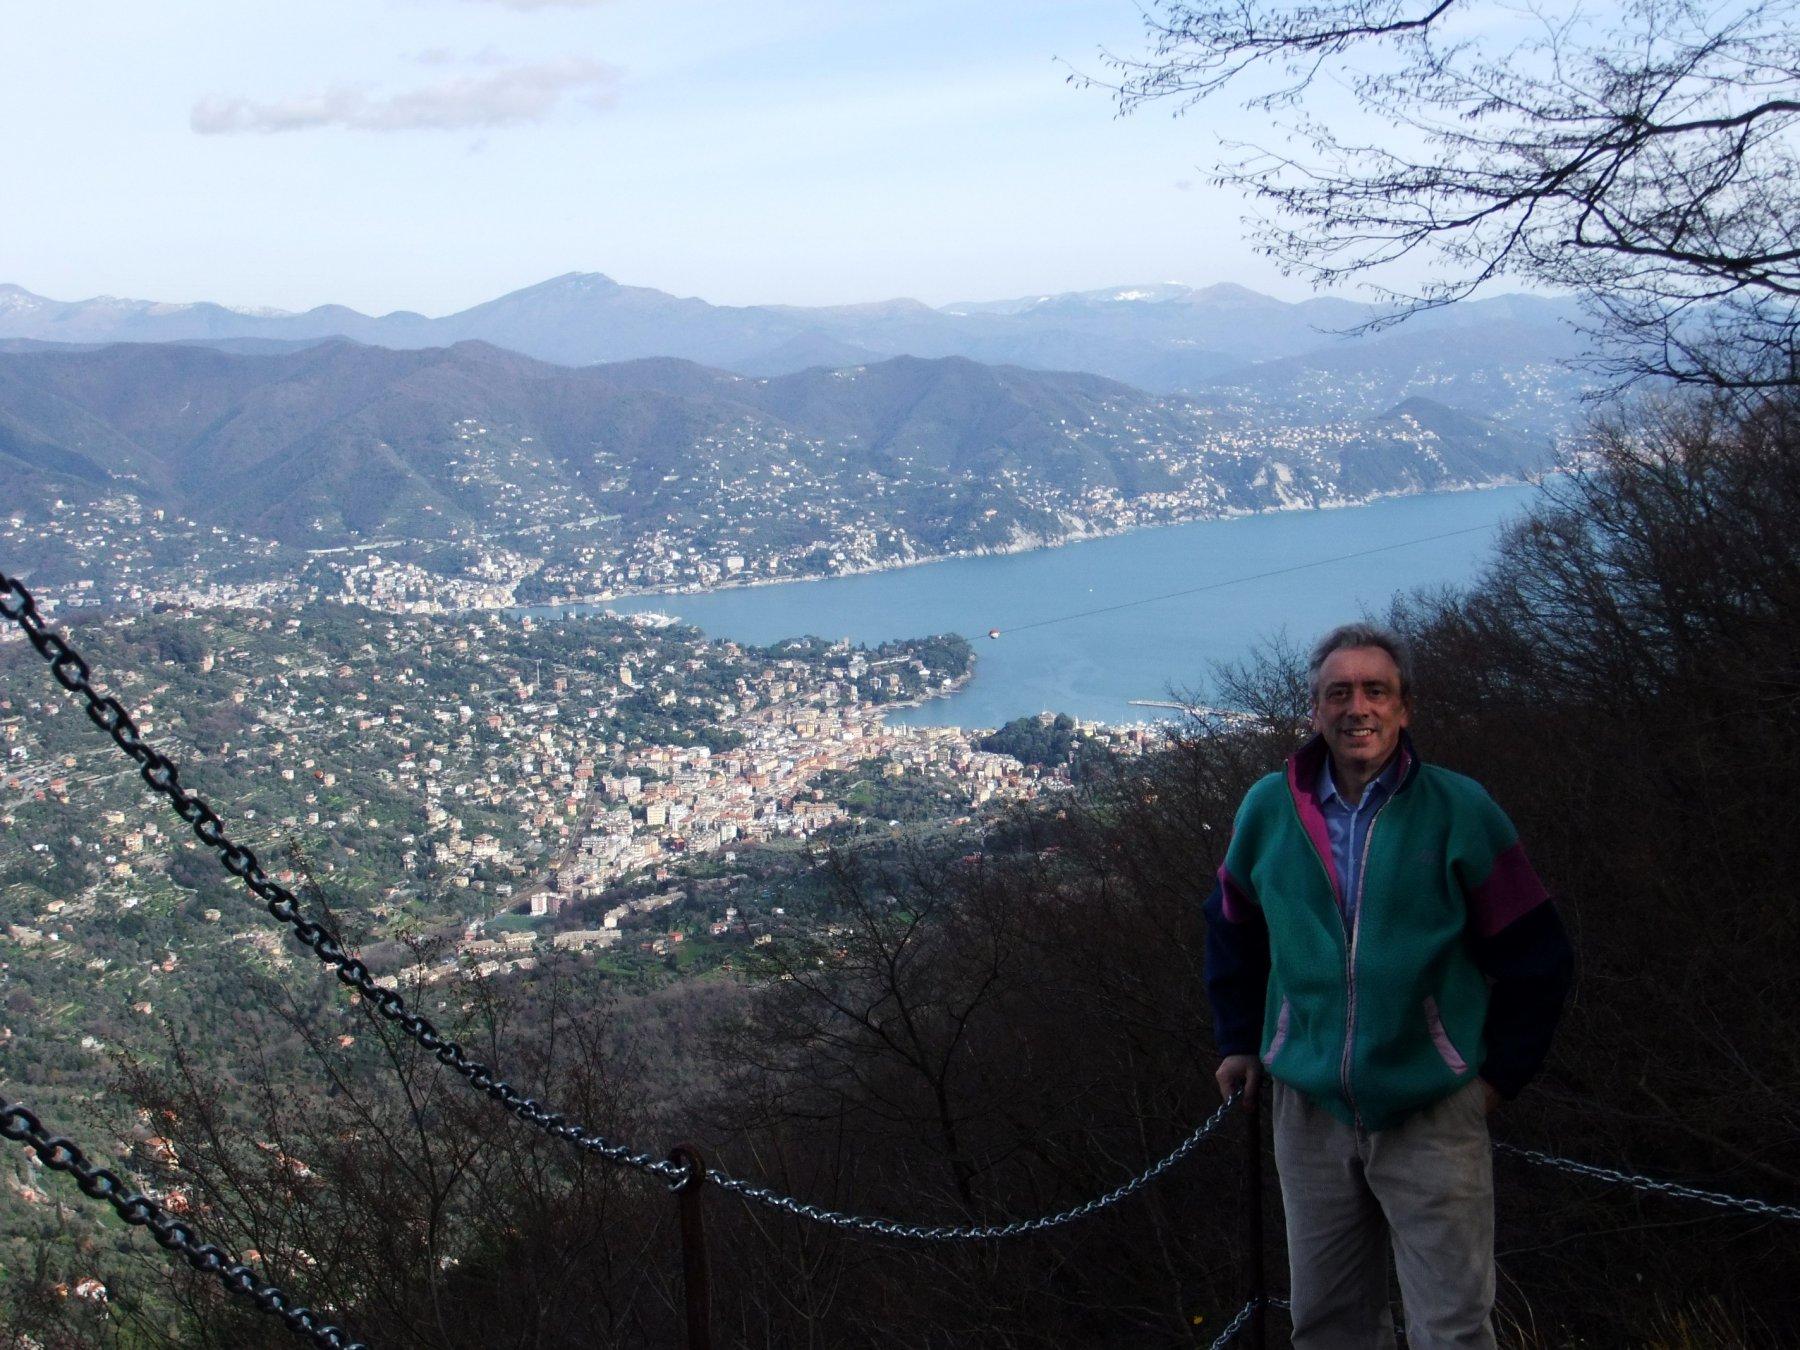 Santa Margherita dal punto panoramico dietro al Semaforo Vecchio